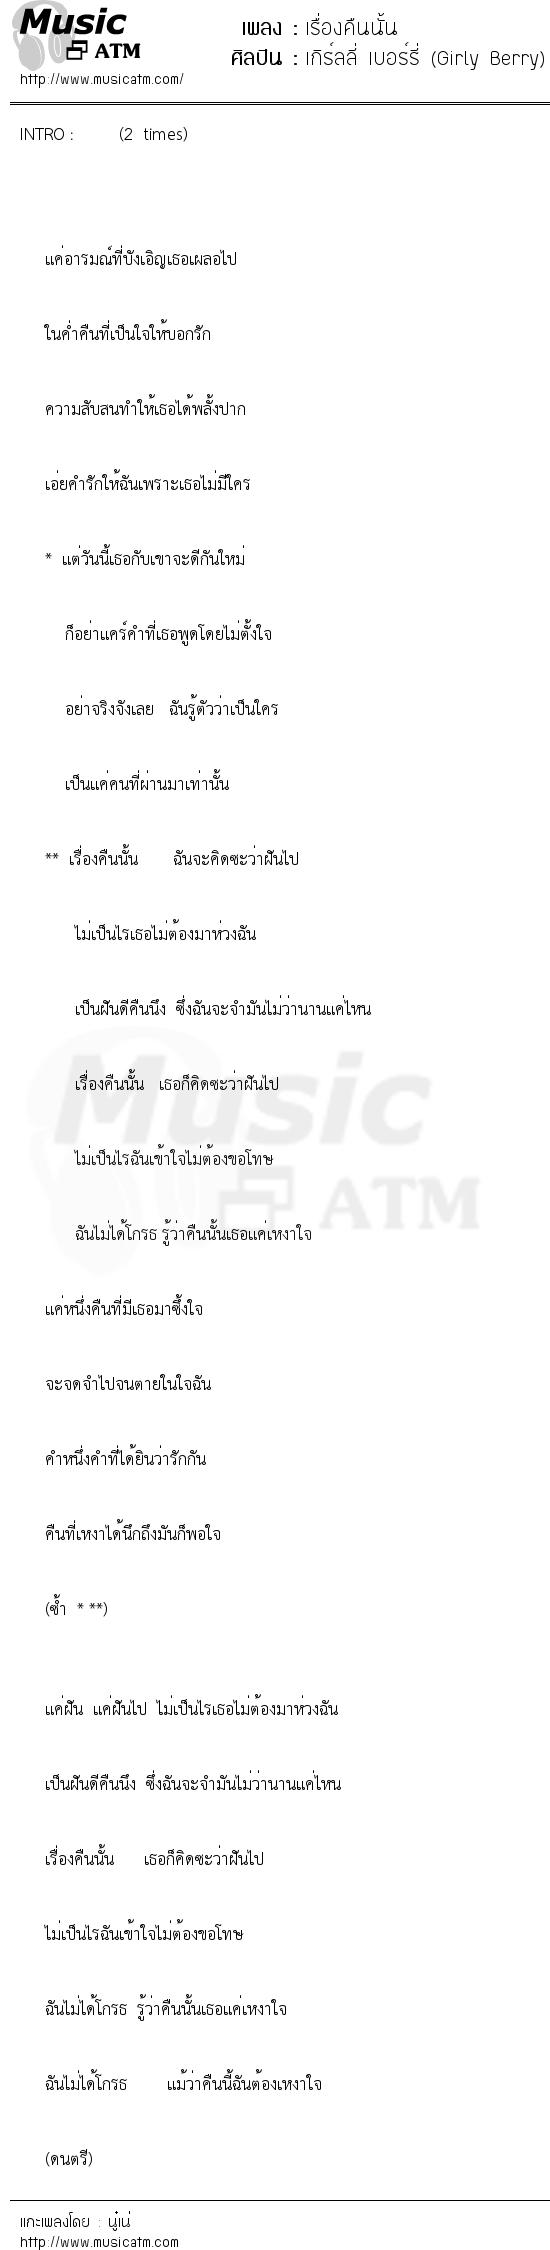 เนื้อเพลง เรื่องคืนนั้น - เกิร์ลลี่ เบอร์รี่ (Girly Berry) | เพลงไทย